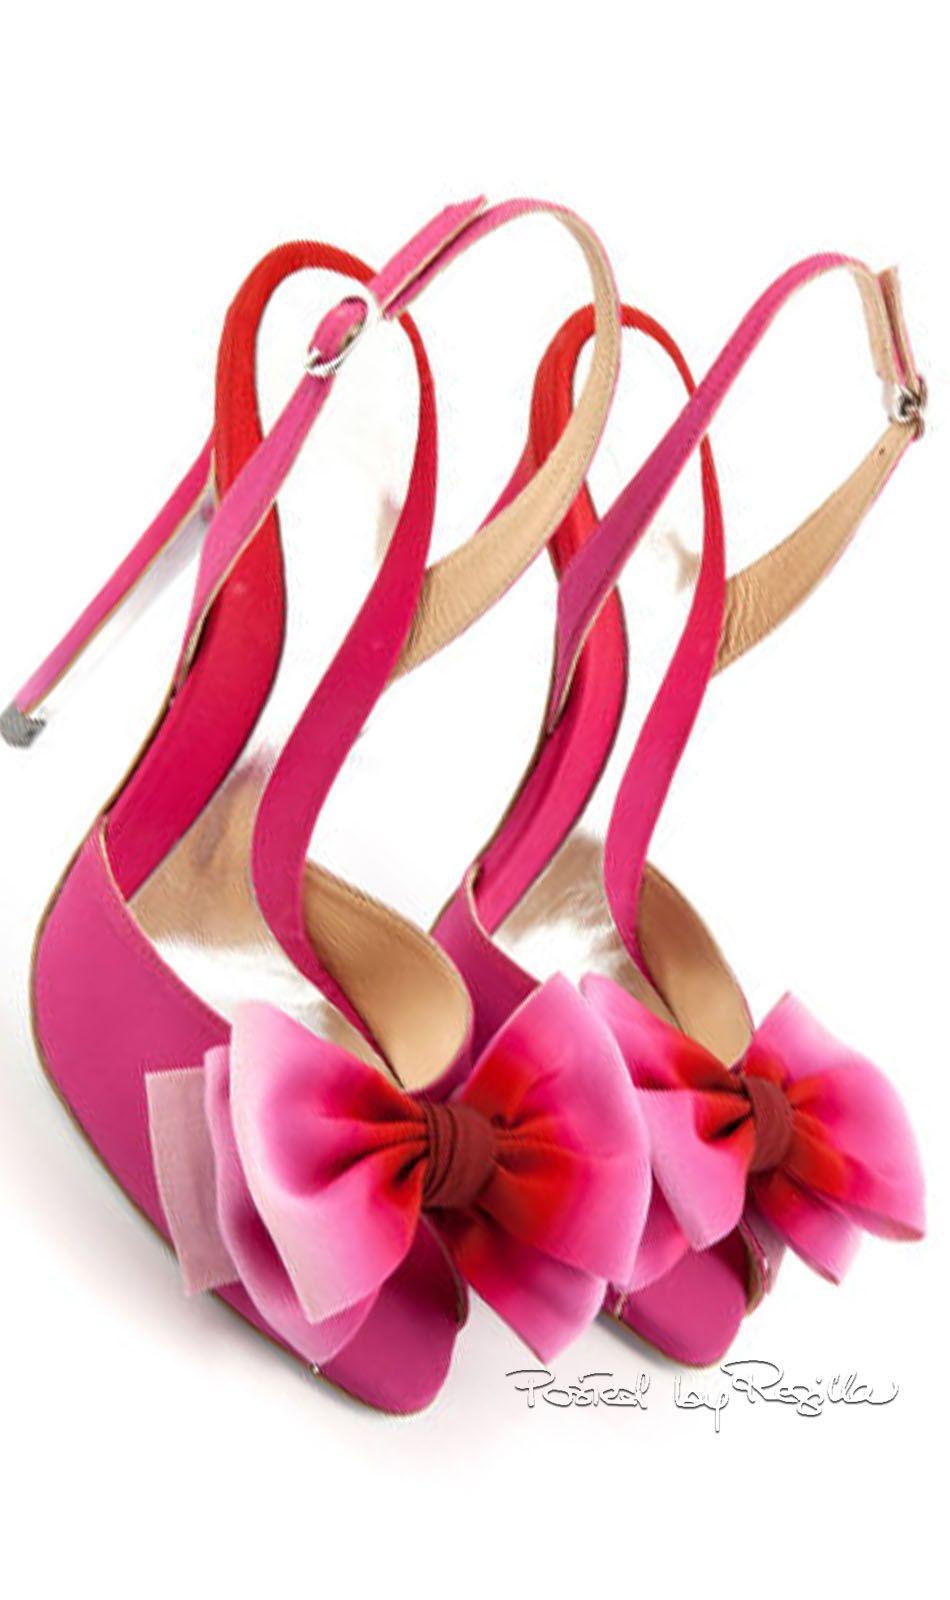 profiter du meilleur prix nouvelles images de réflexions sur DesertRose,;,Regilla⚜Mellow Yellow,;,   qu'elle sandales ...